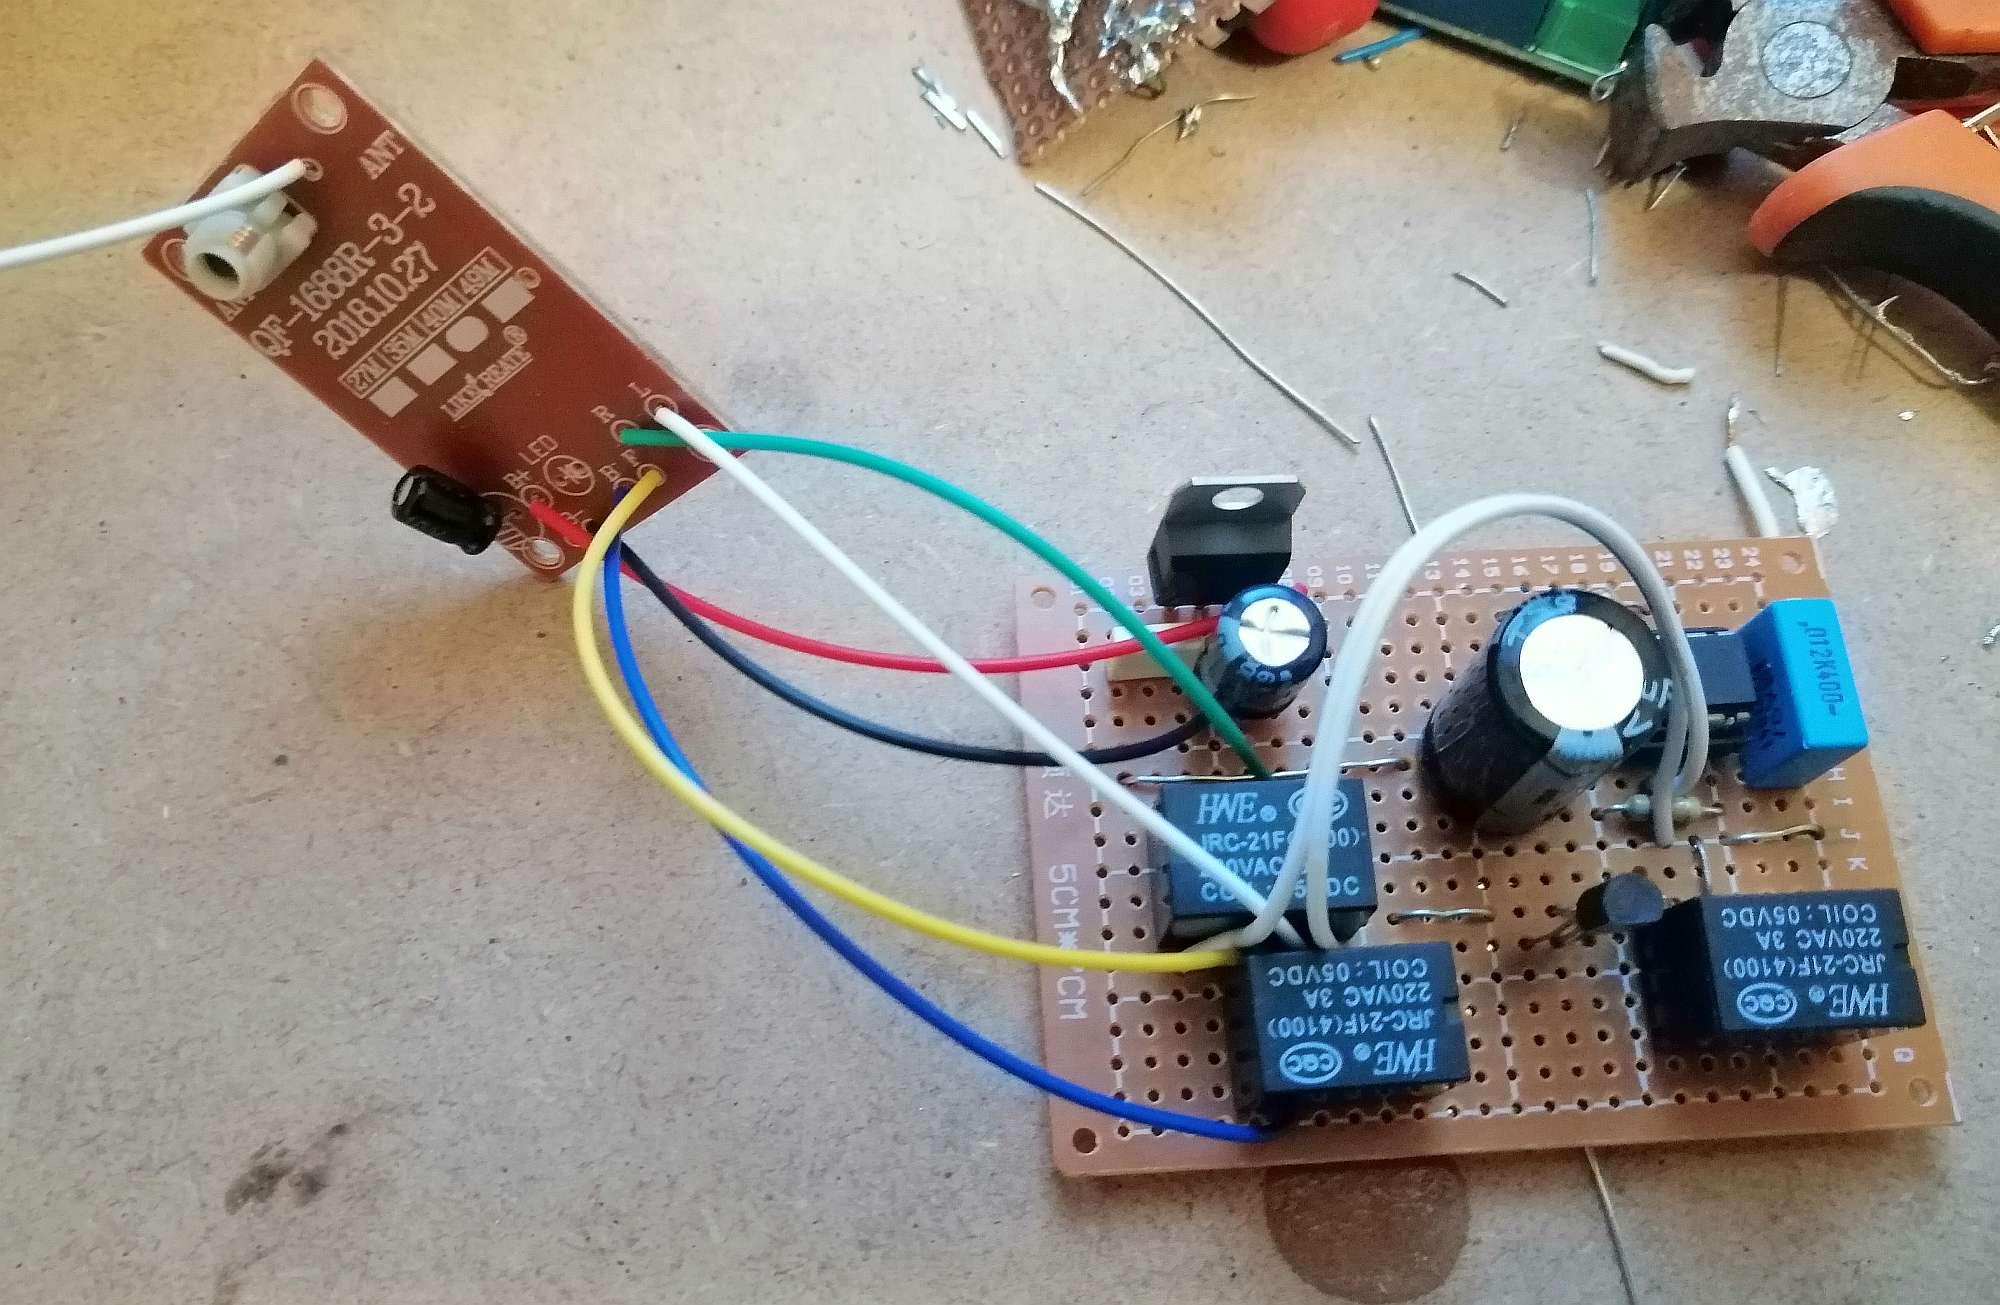 Interruttore Radiocomandato con Sensore di corrente - Modulo Alimentatore 5V per ricevitore, collegamenti al ricevitore e relè temporizzato